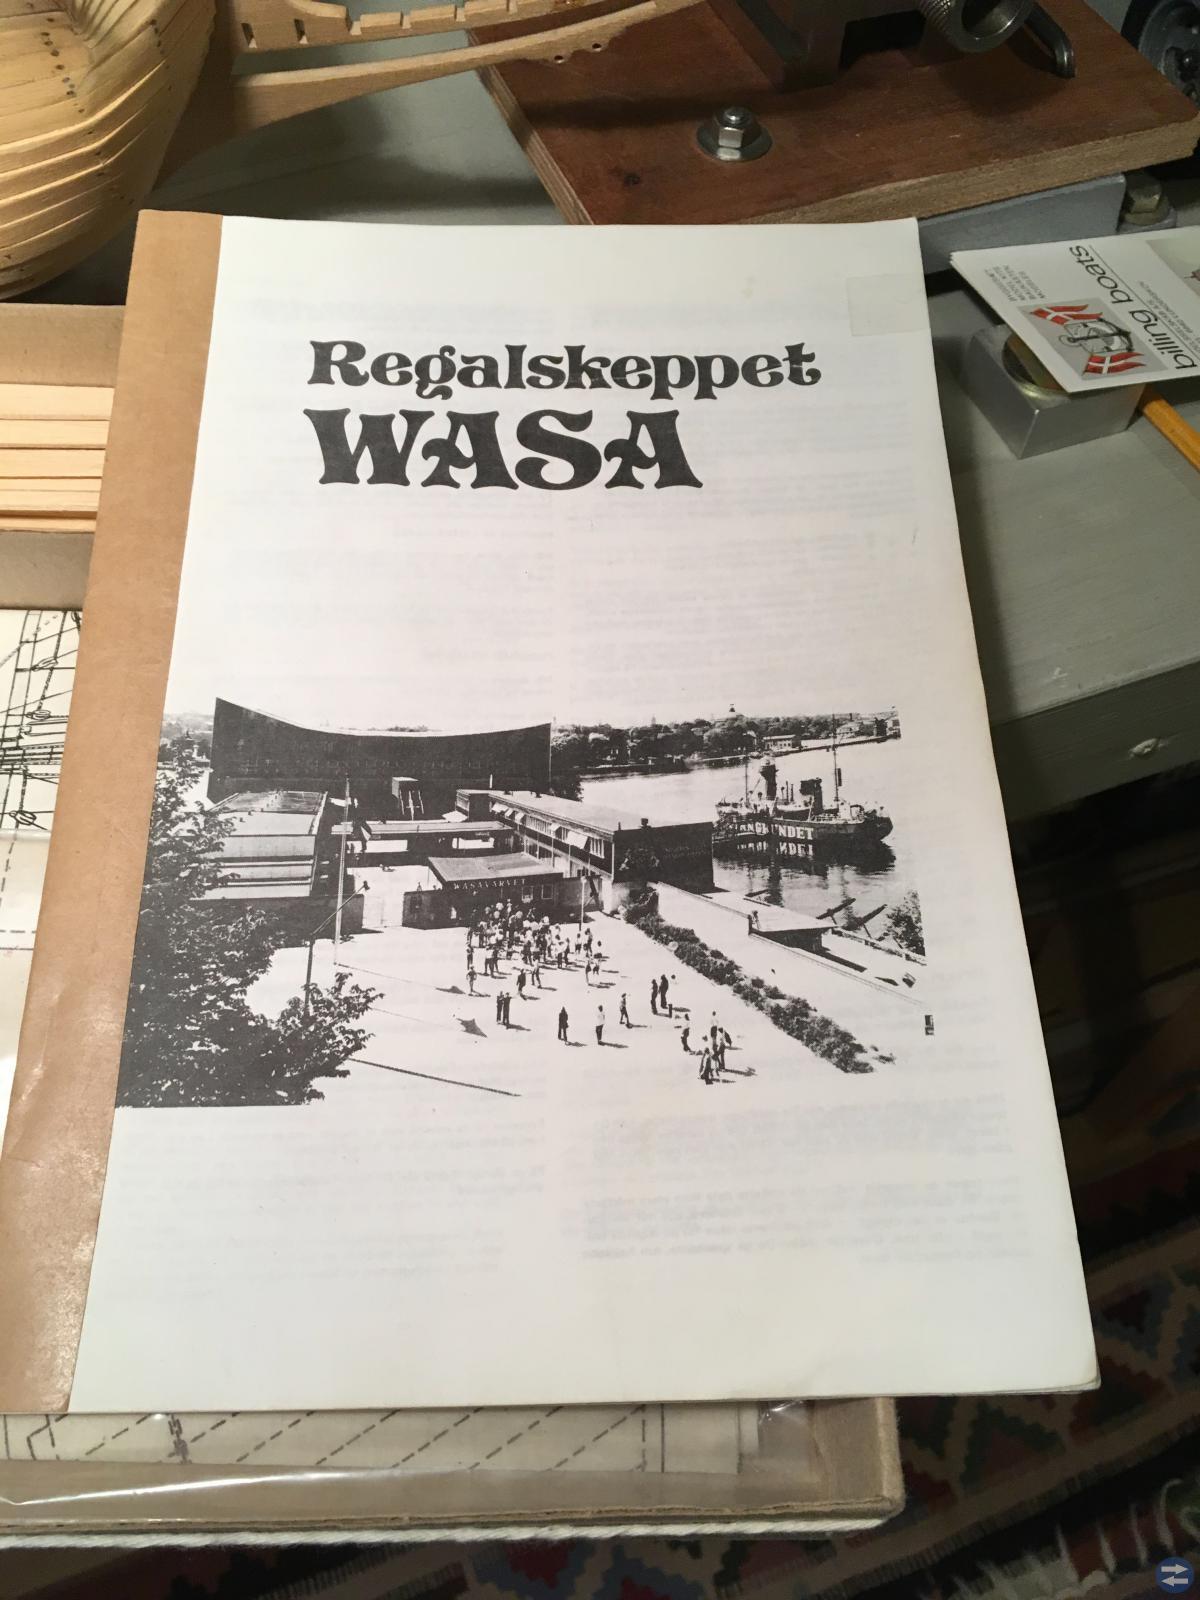 Regal Skeppet Wasa